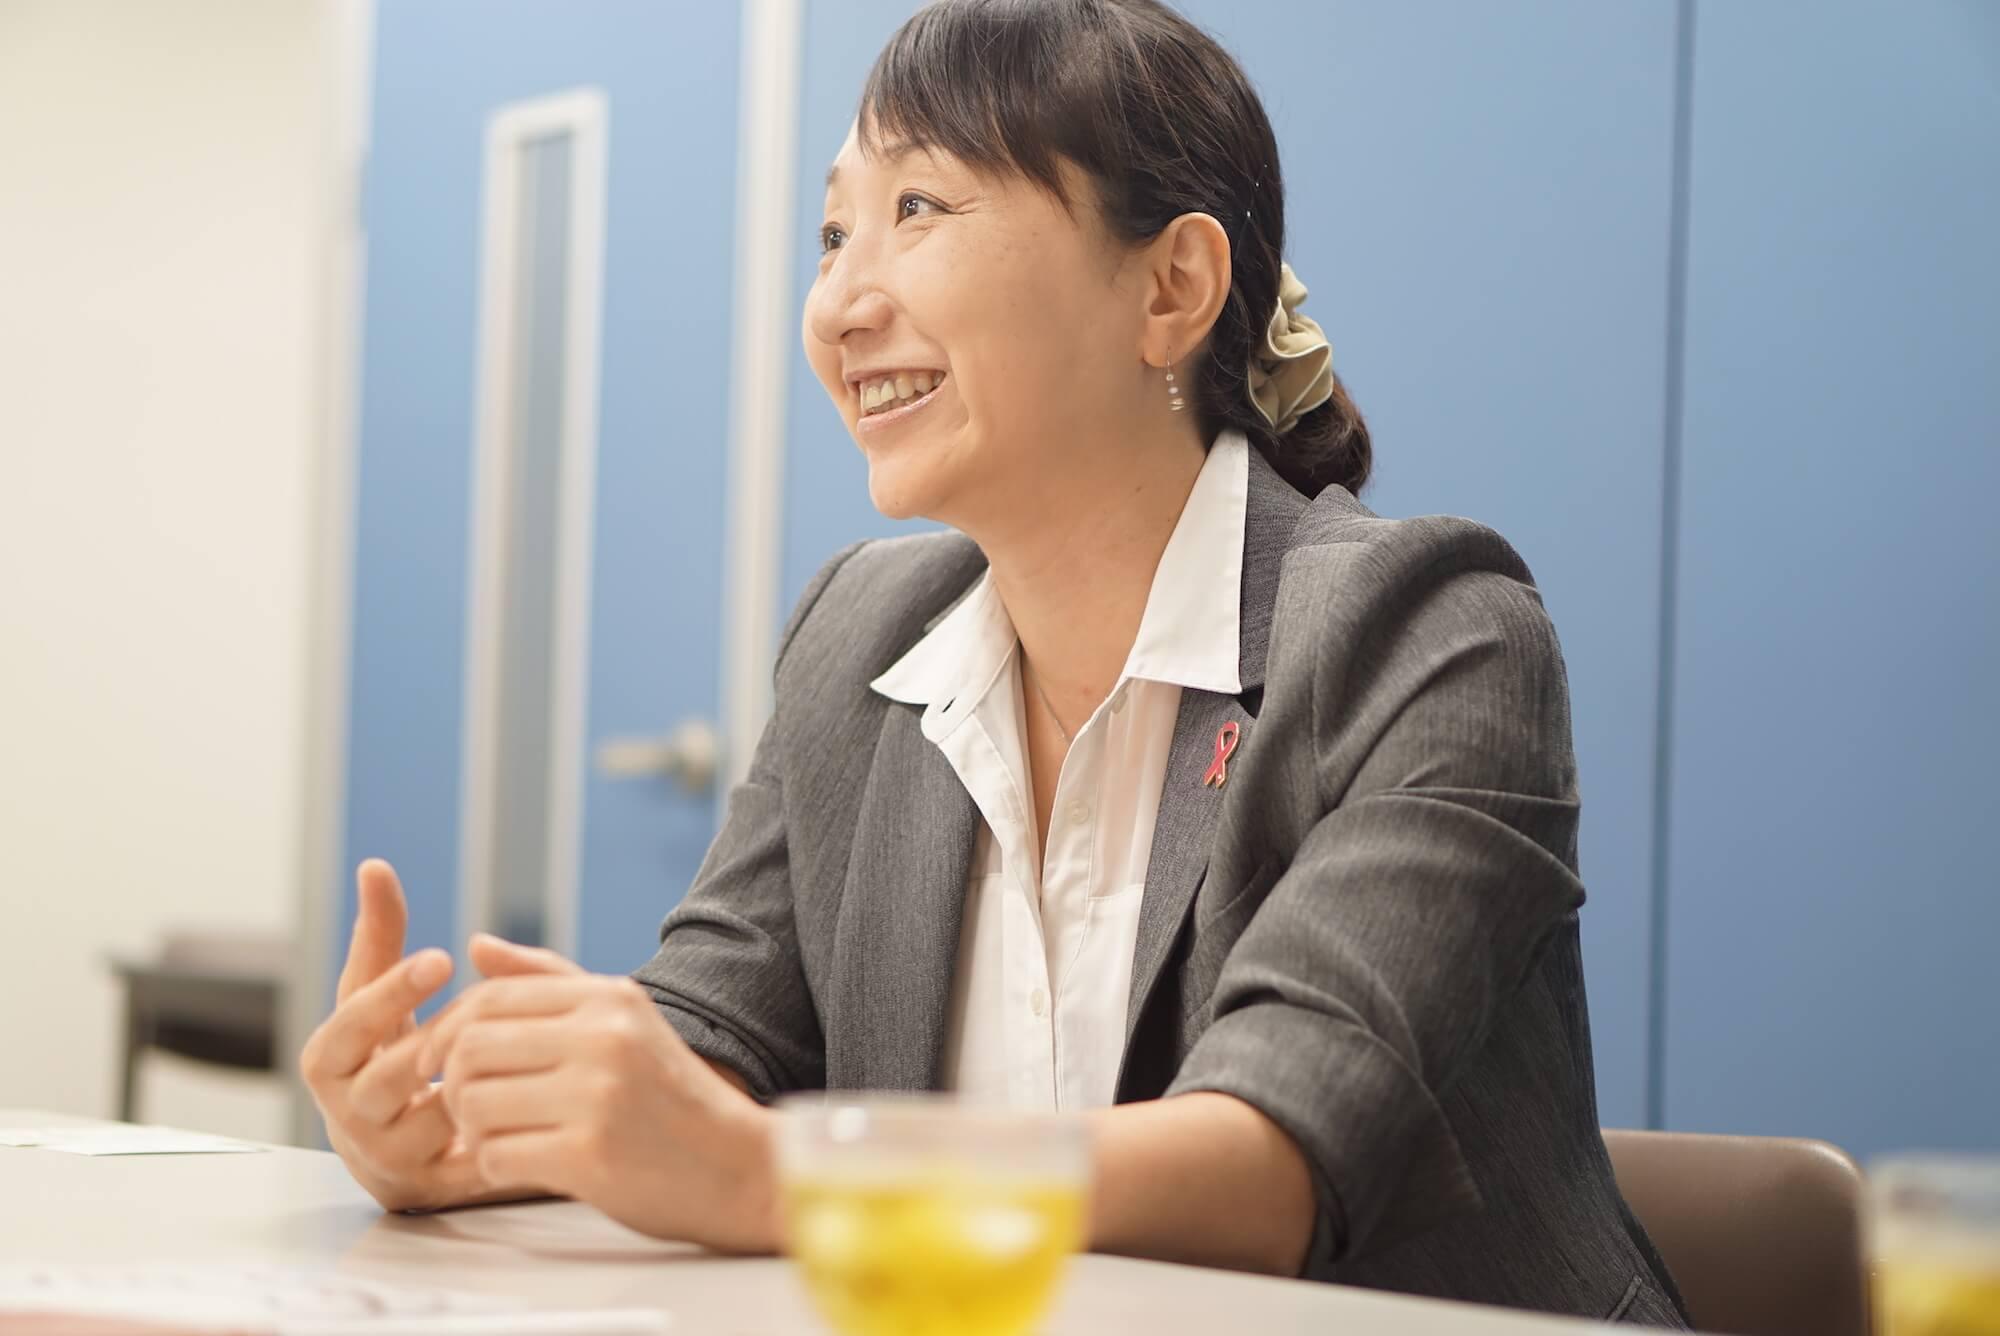 【導入事例】脱タイムカードを実現「IEYASUの勤怠管理で、変化する働き方ニーズに対応」 - 福井自動車様